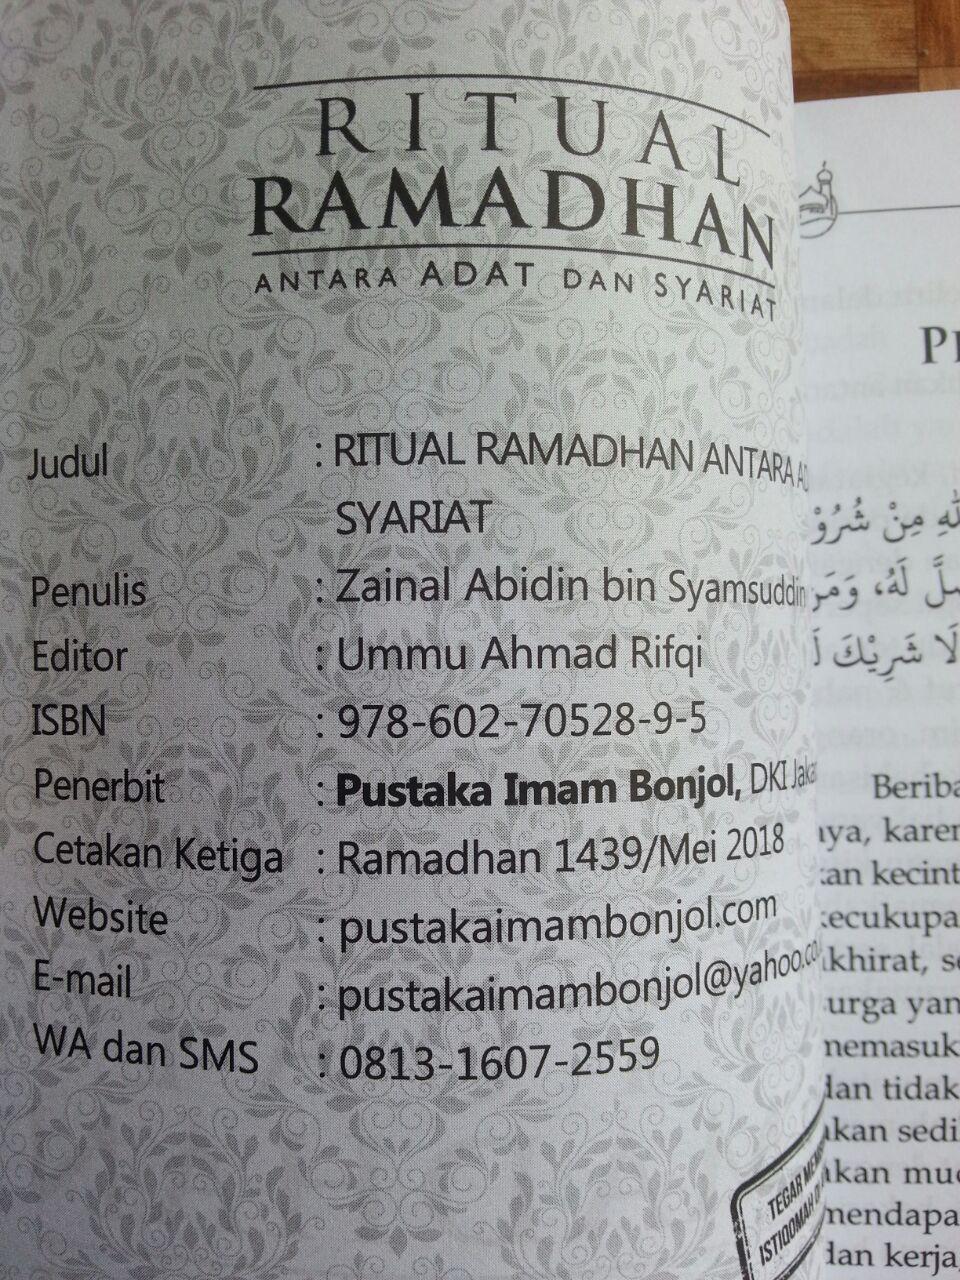 Buku Ritual Ramadhan Antara Adat Dan Syariat isi